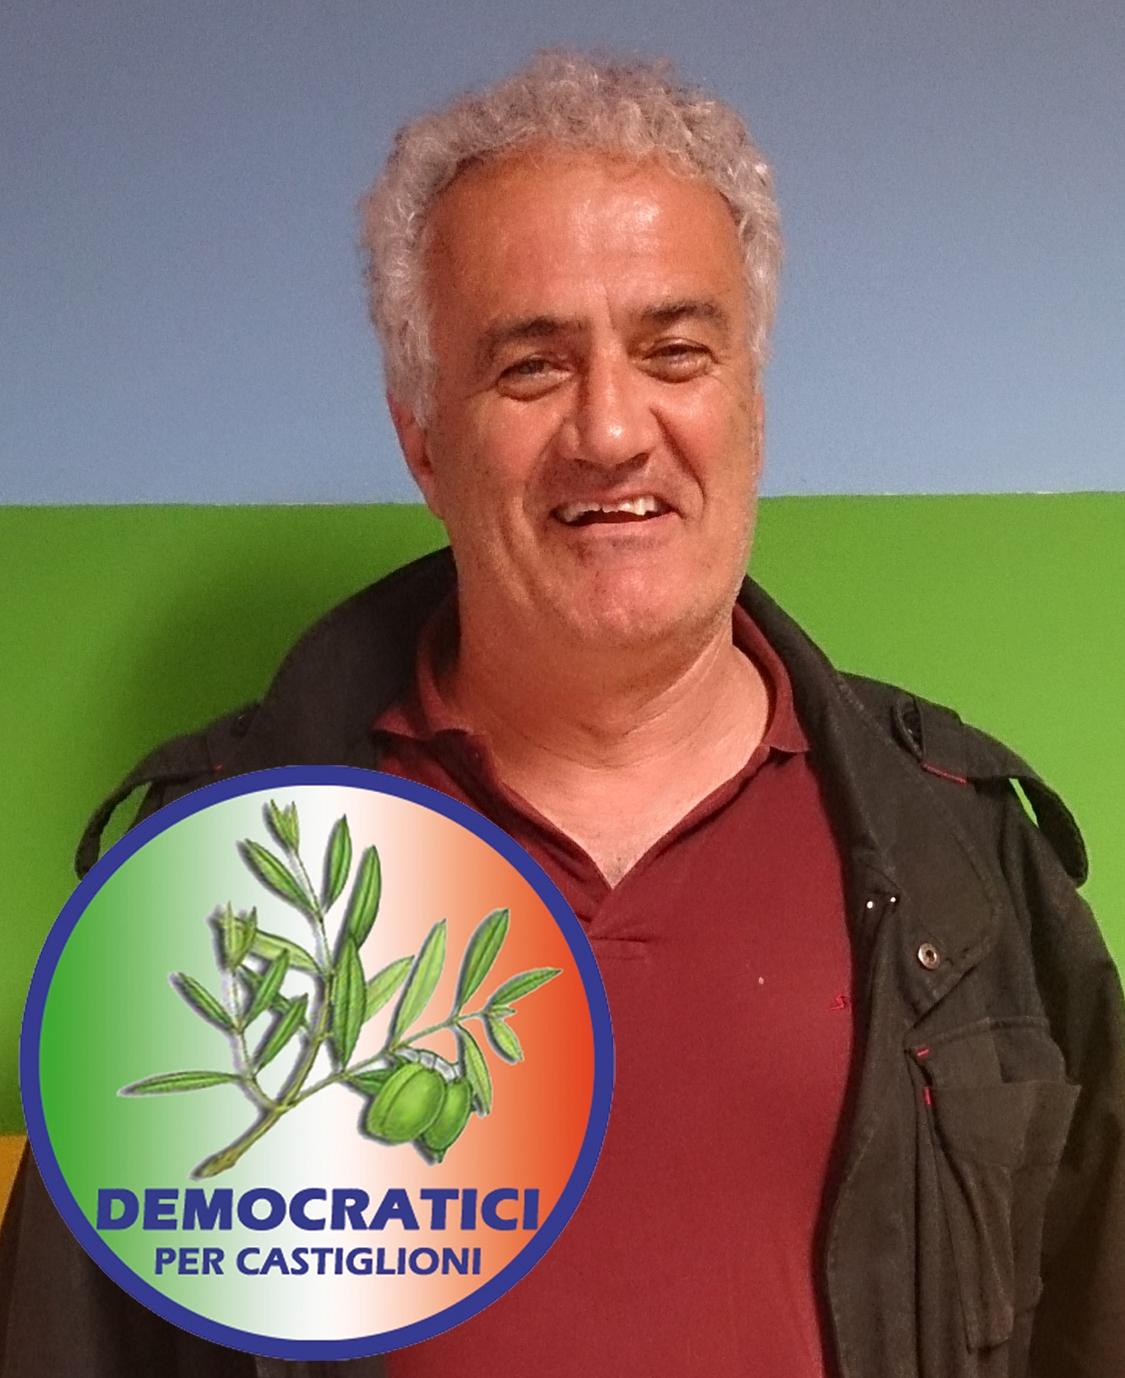 Scarpini (Democratici per Castiglioni) risponde a Lara Lazzeroni